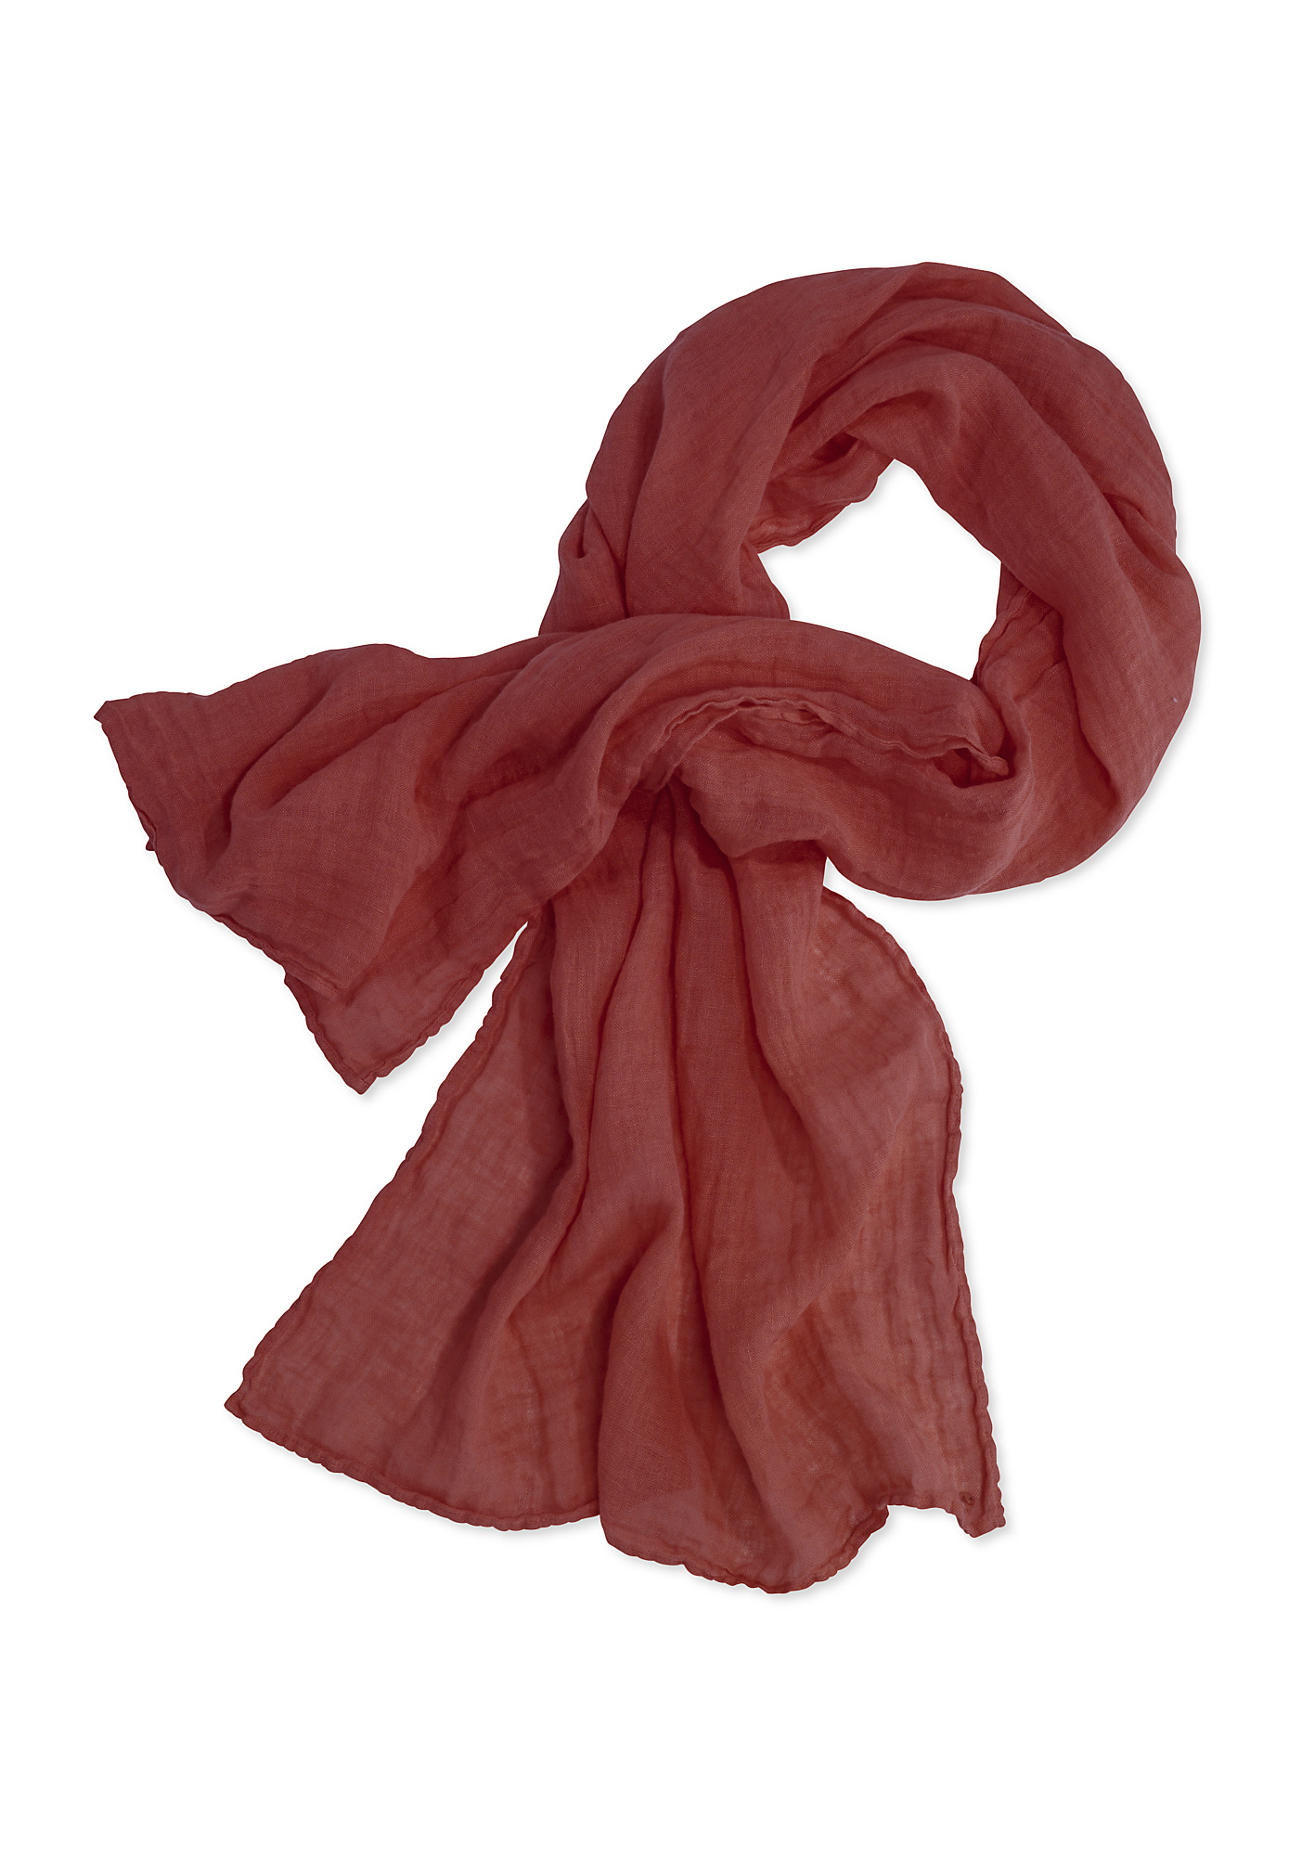 Schals für Frauen - hessnatur Damen Unisex Schal aus Leinen – orange –  - Onlineshop Hessnatur